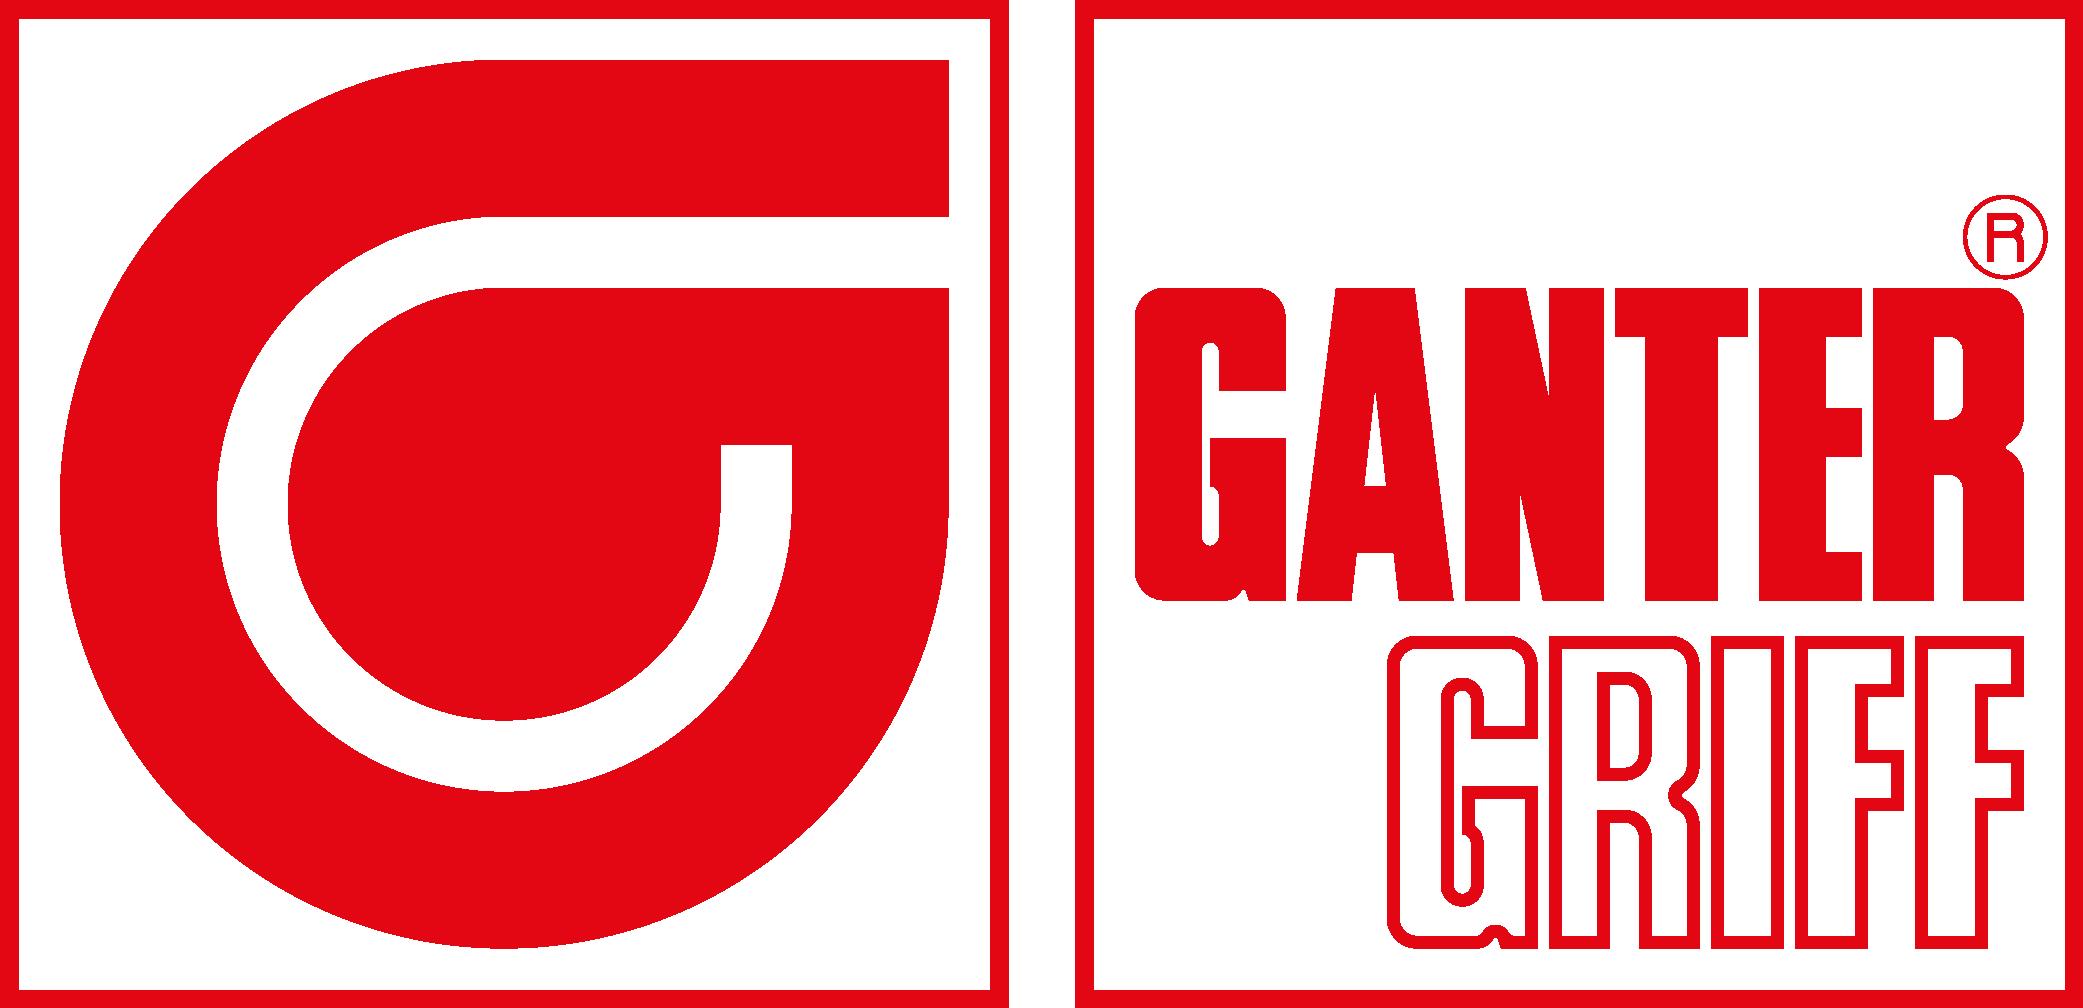 GANTER Griff